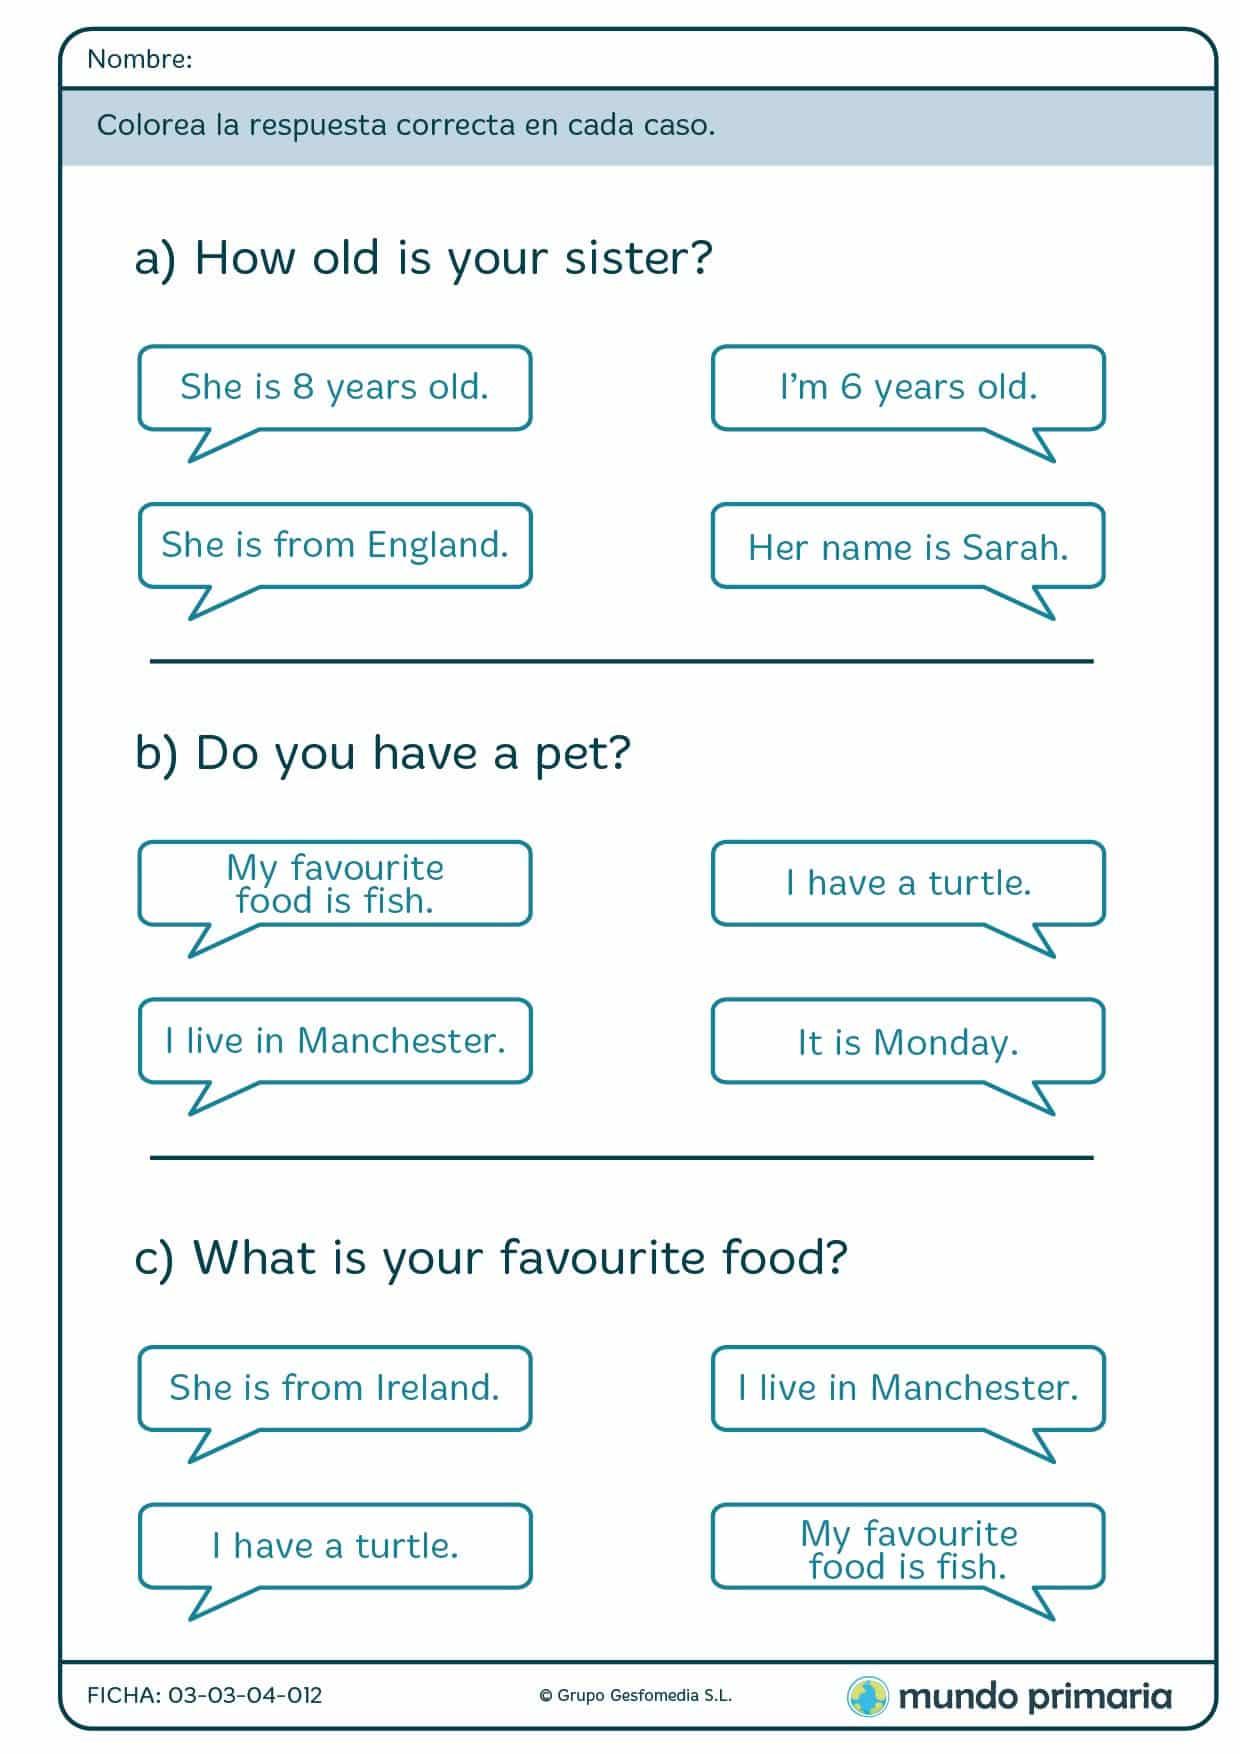 Responde cuantos loros y el nombre de la tortuga de la niña en inglés